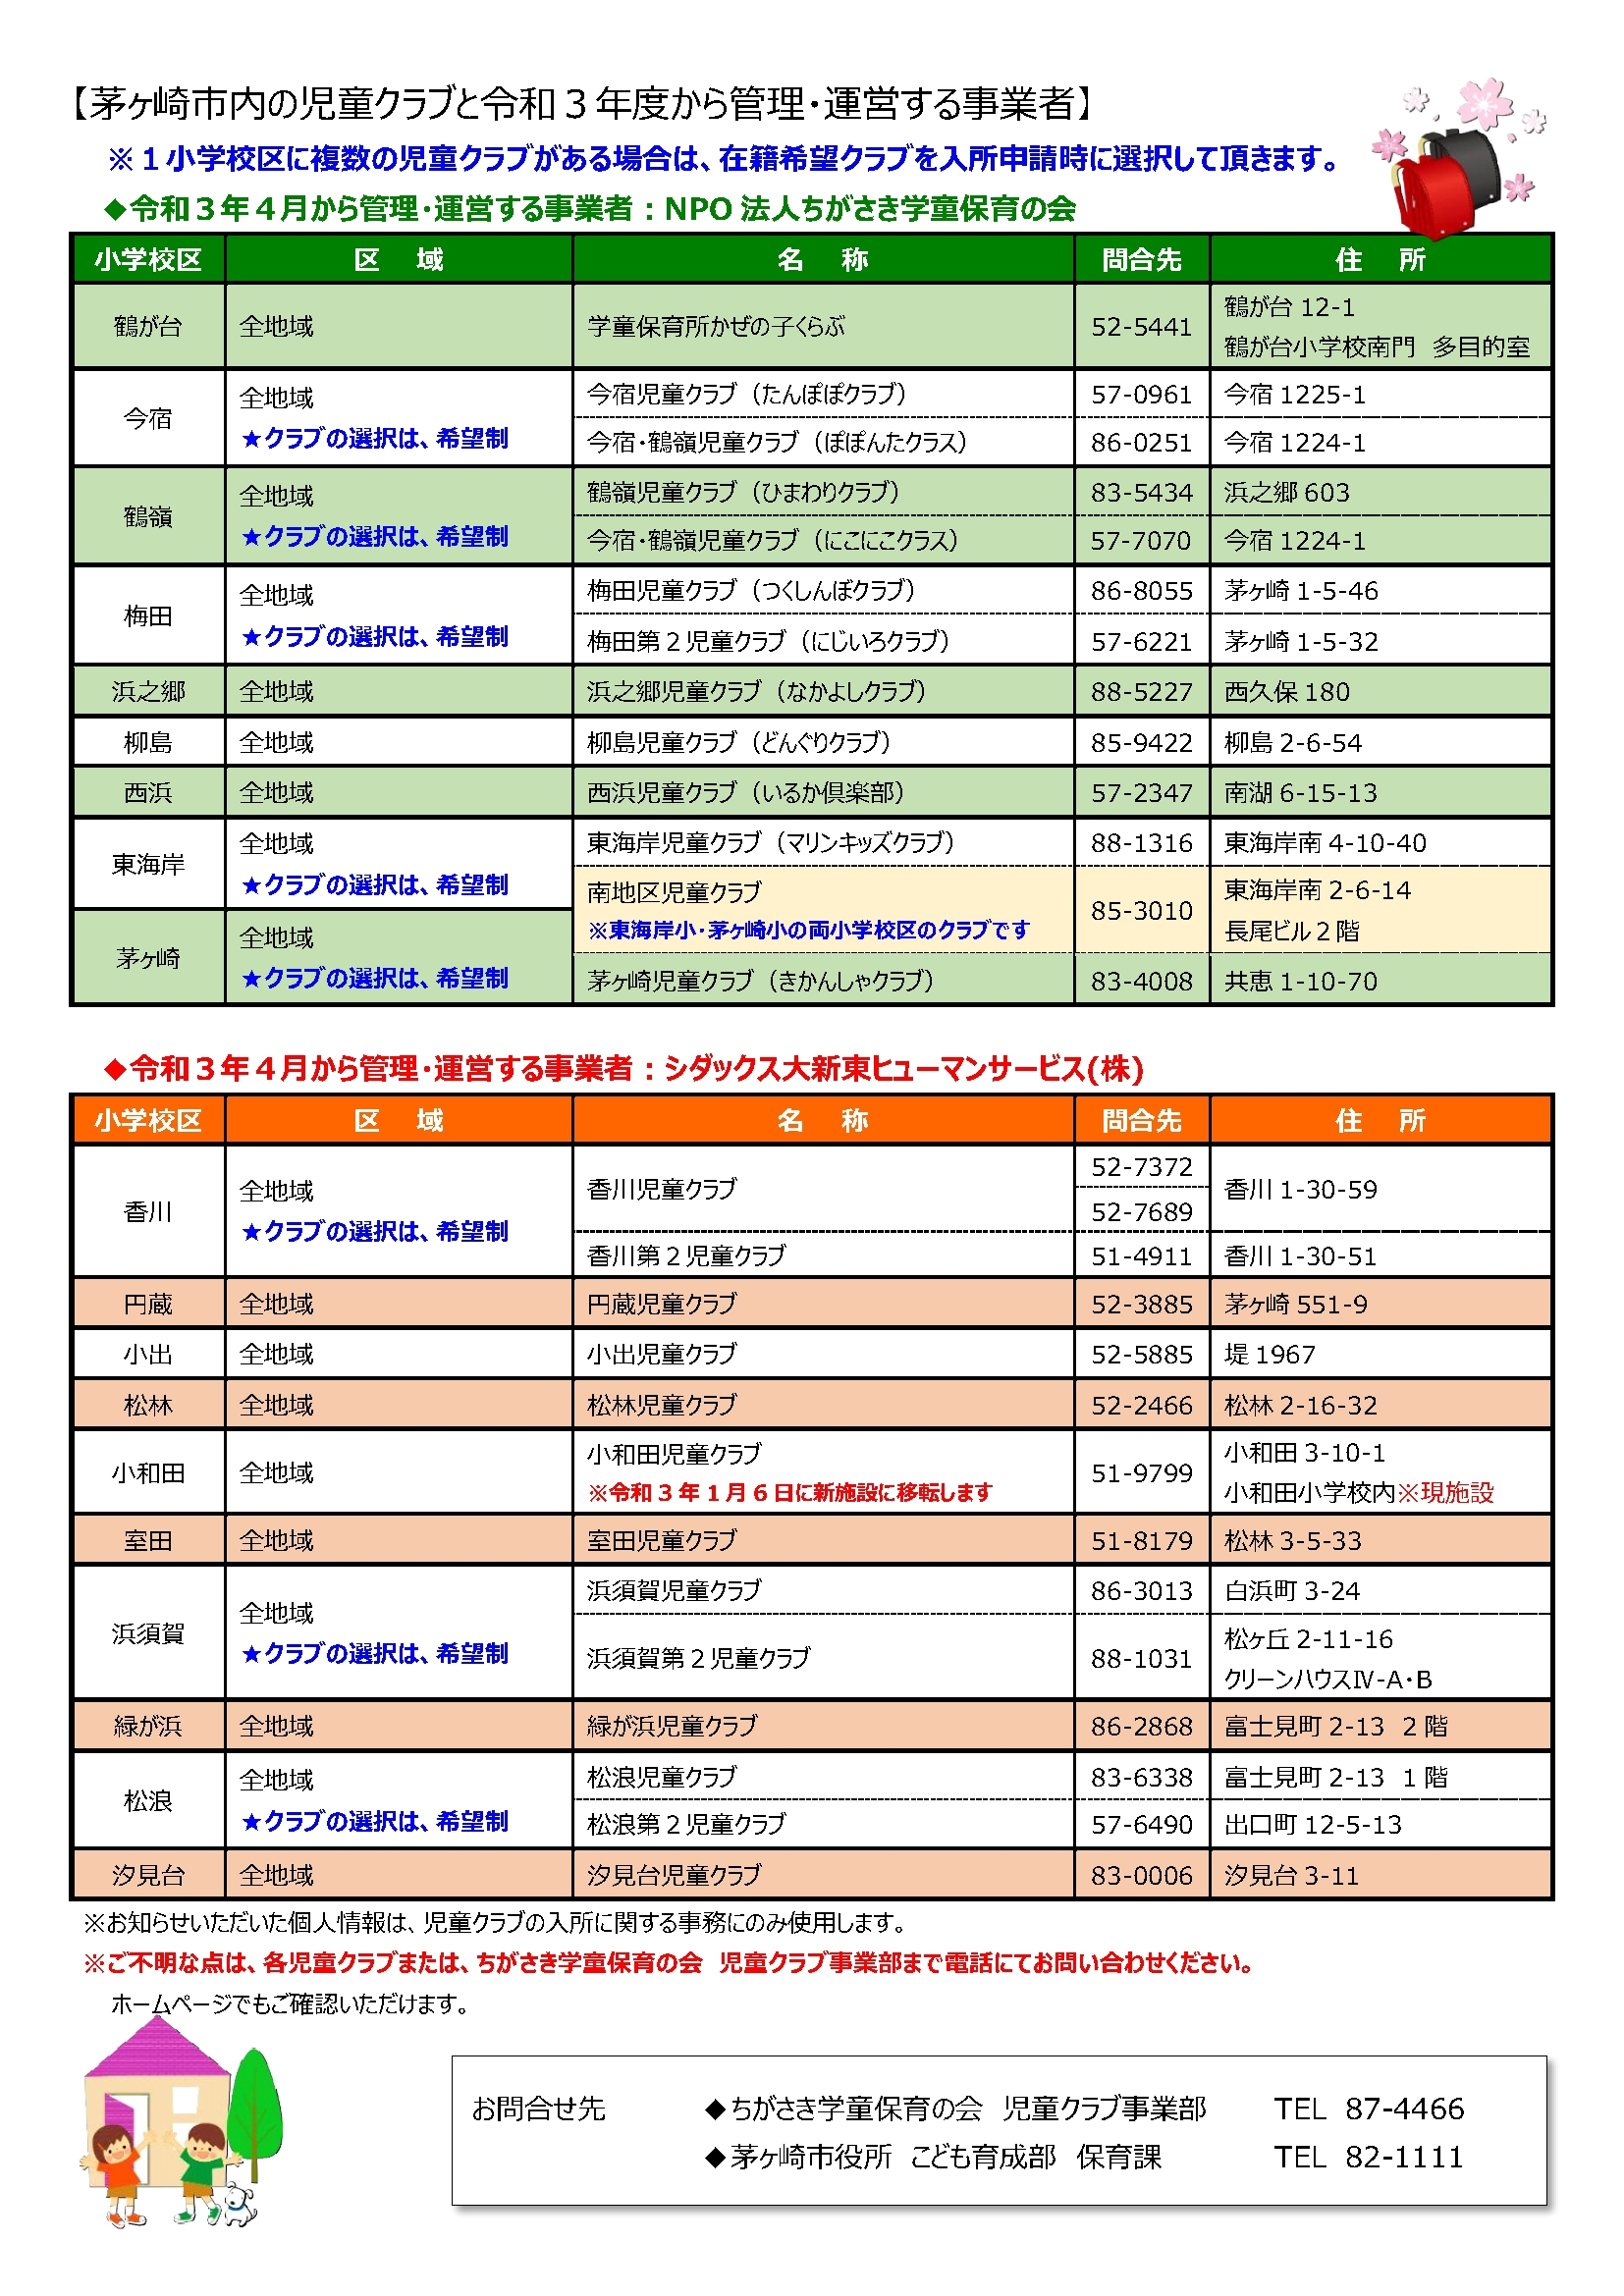 【保育課修正】(案)令和3年度チラシ(健康診断時) Ver.2_2.jpg